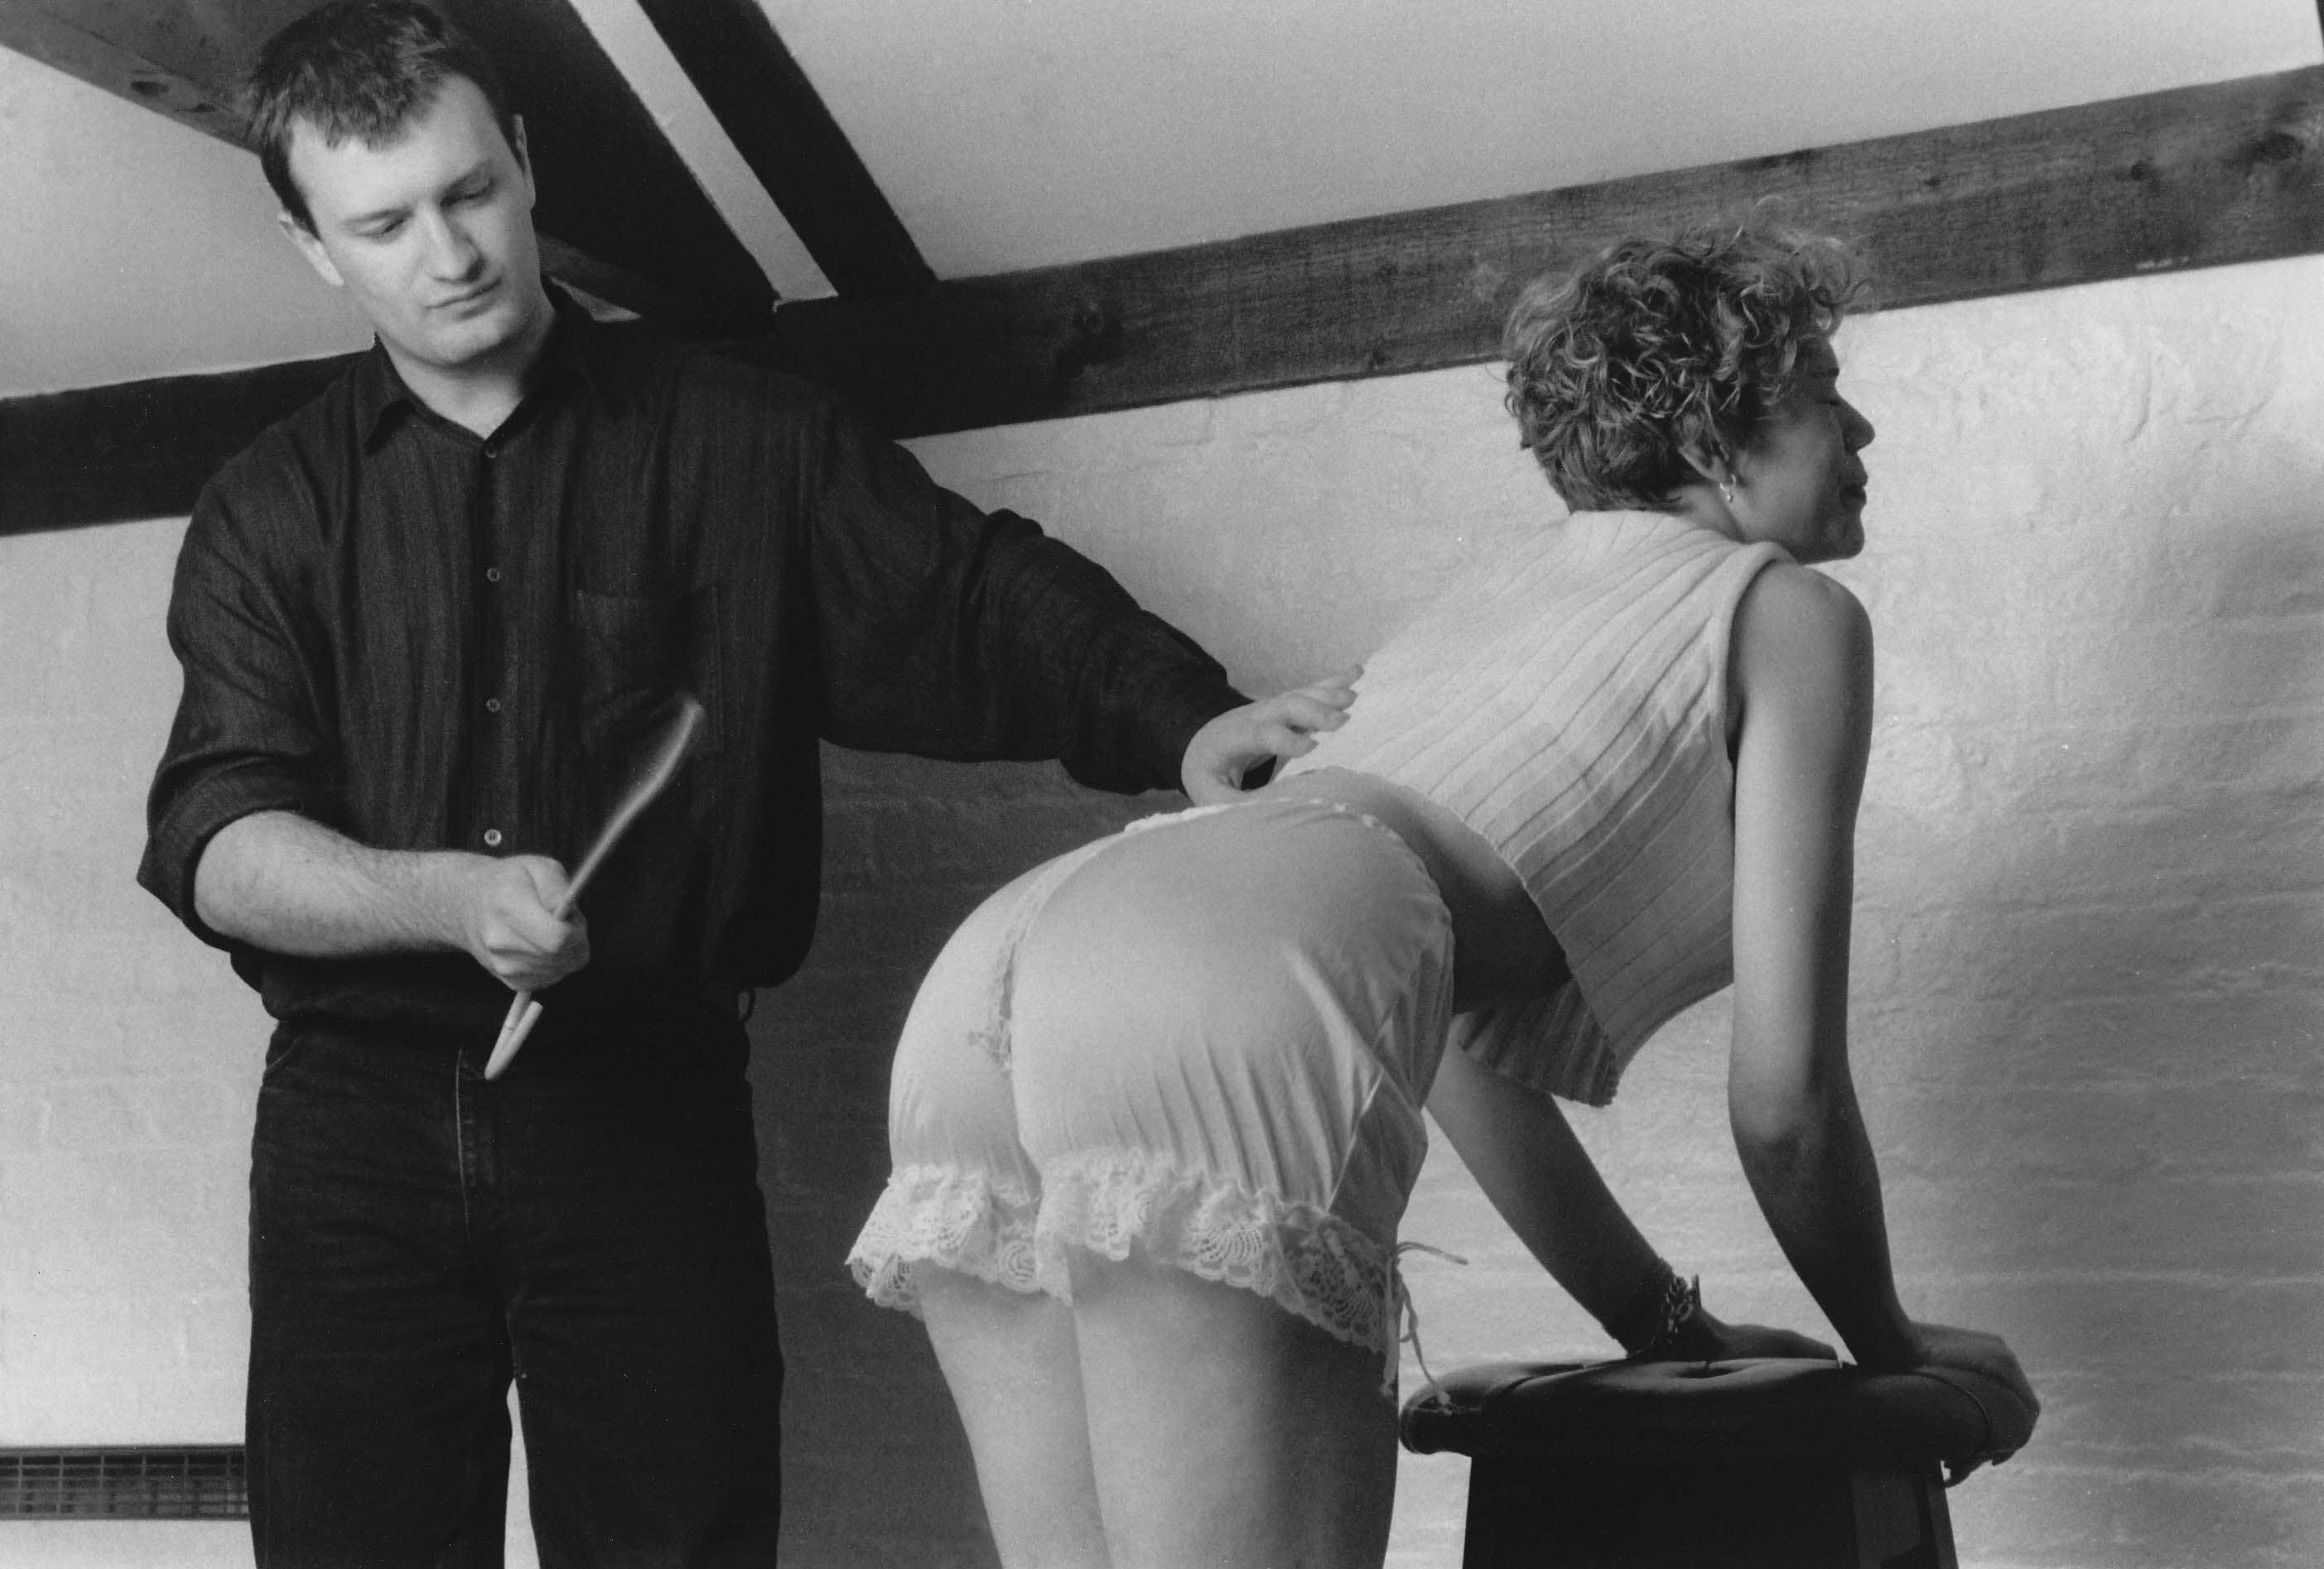 Janus spanking pictures